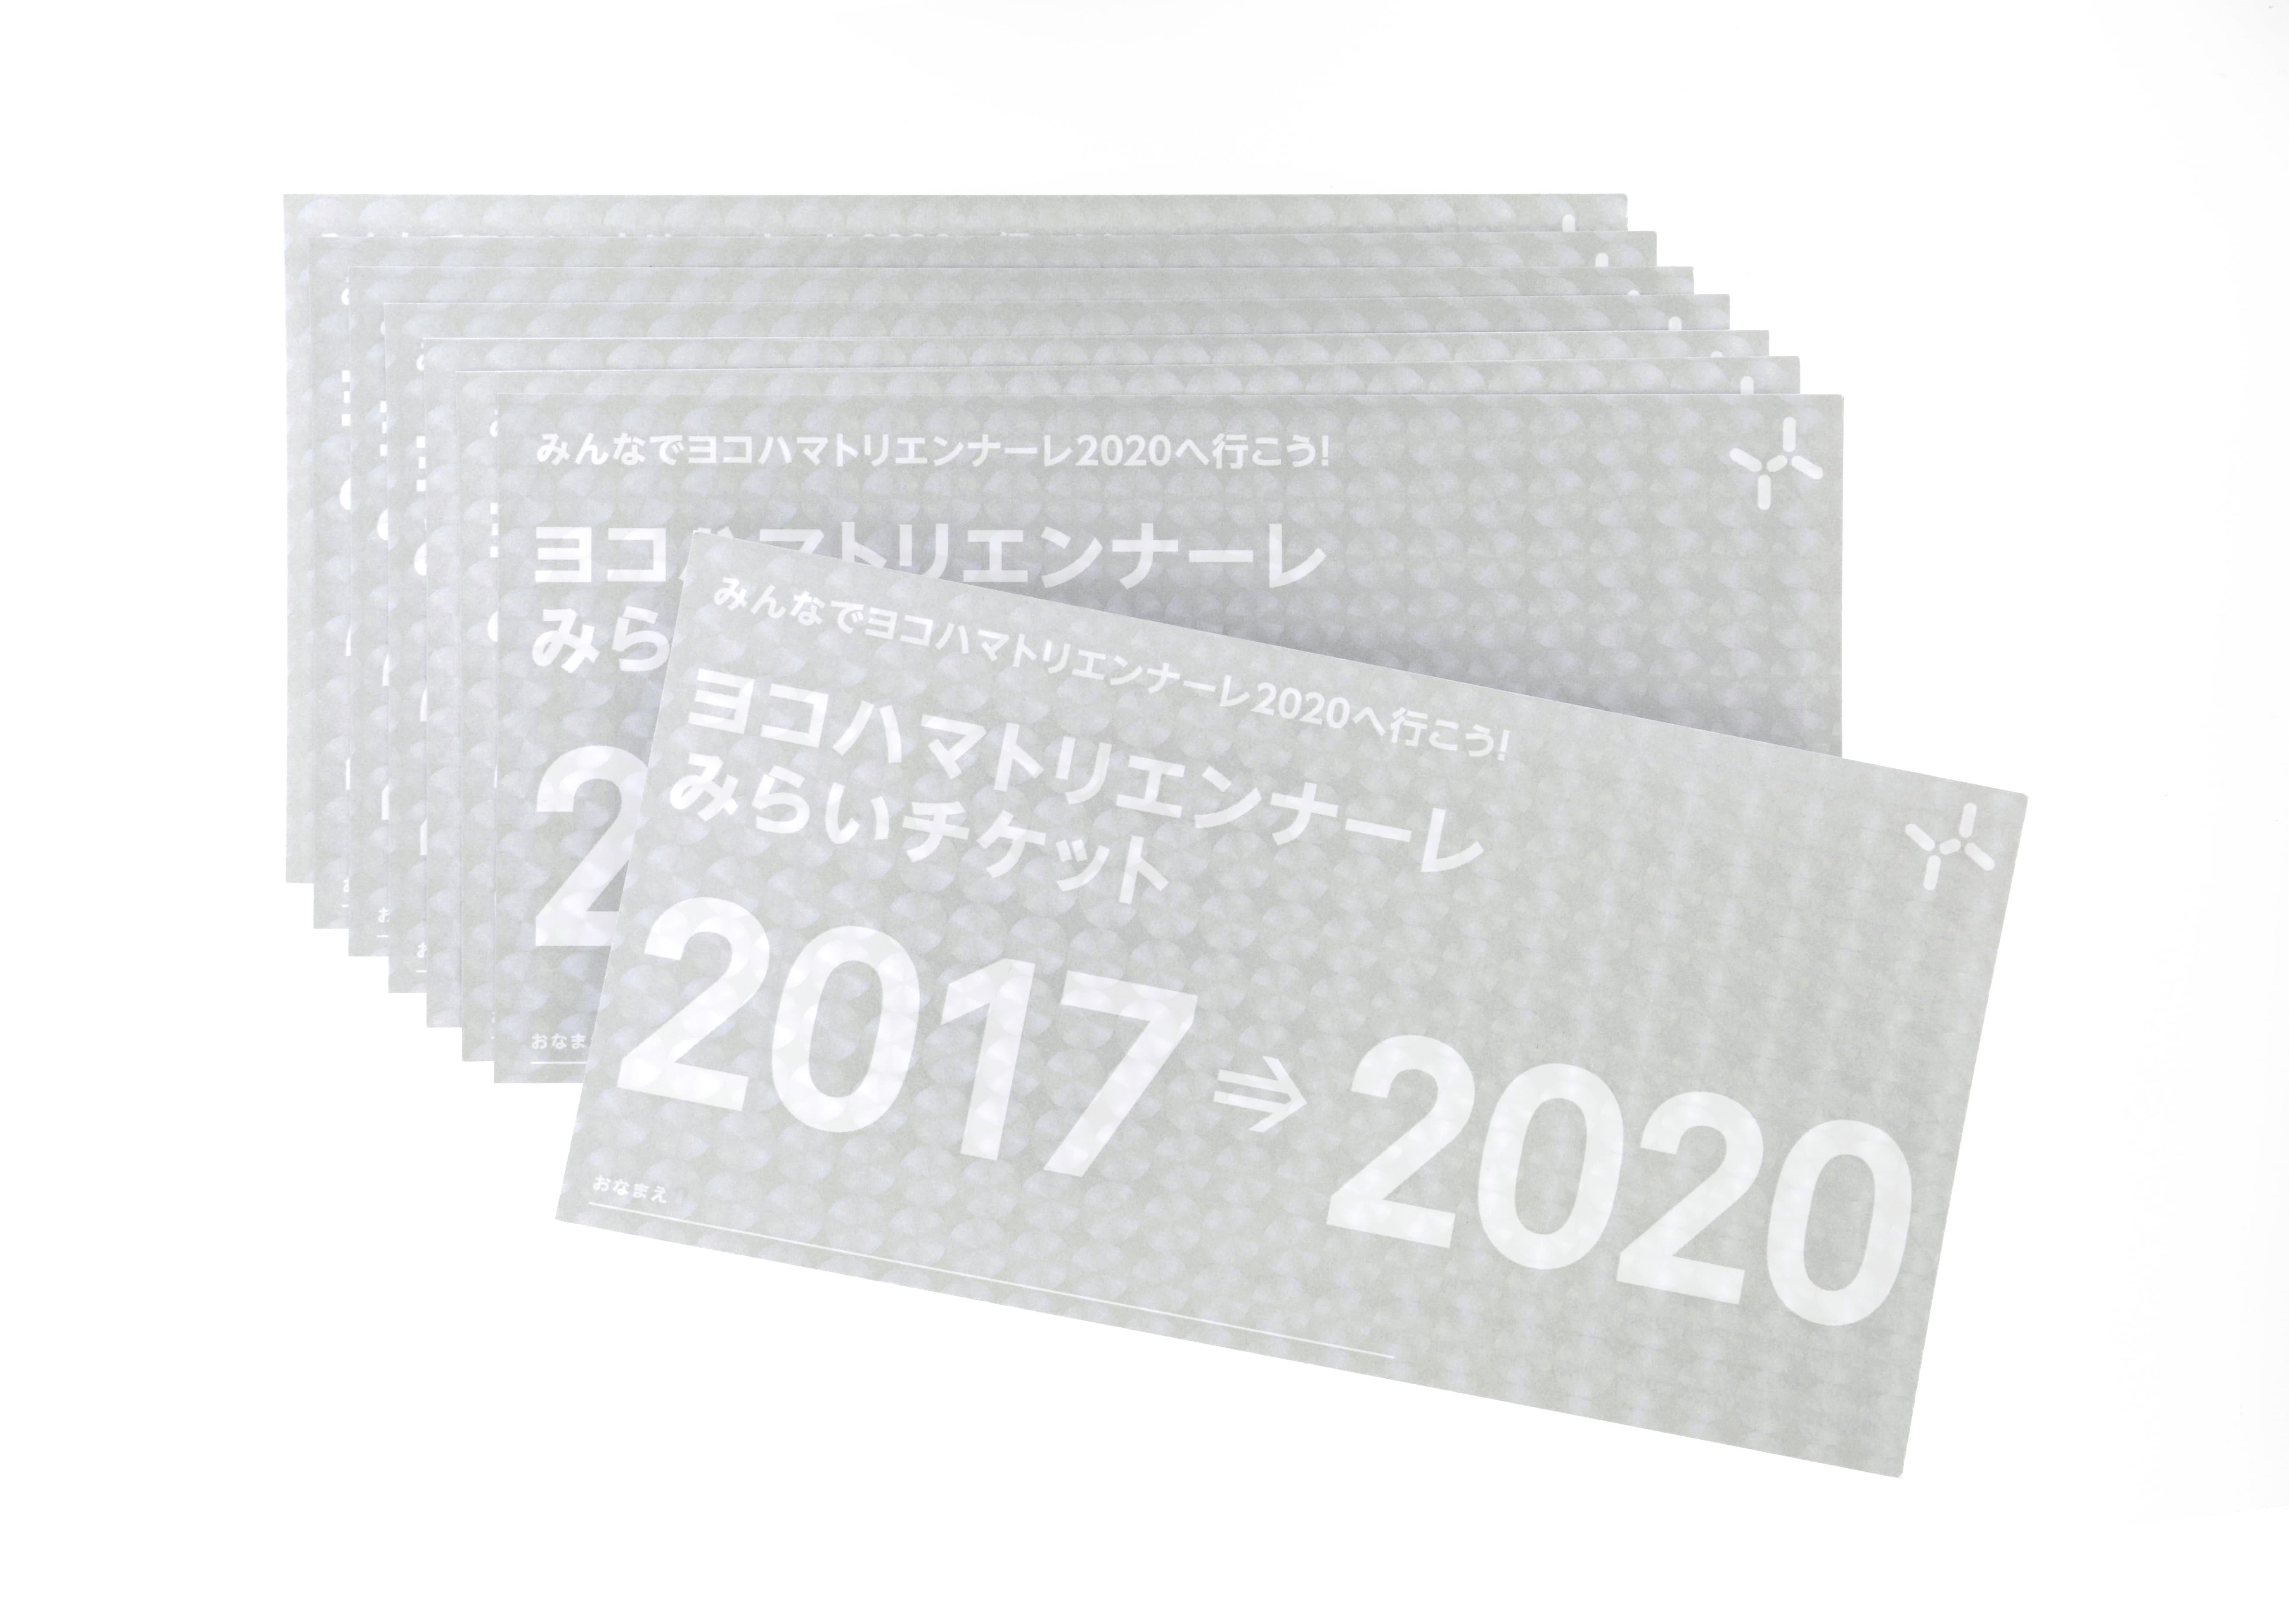 【事例紹介】みらいチケット:横浜トリエンナーレ組織委員会様